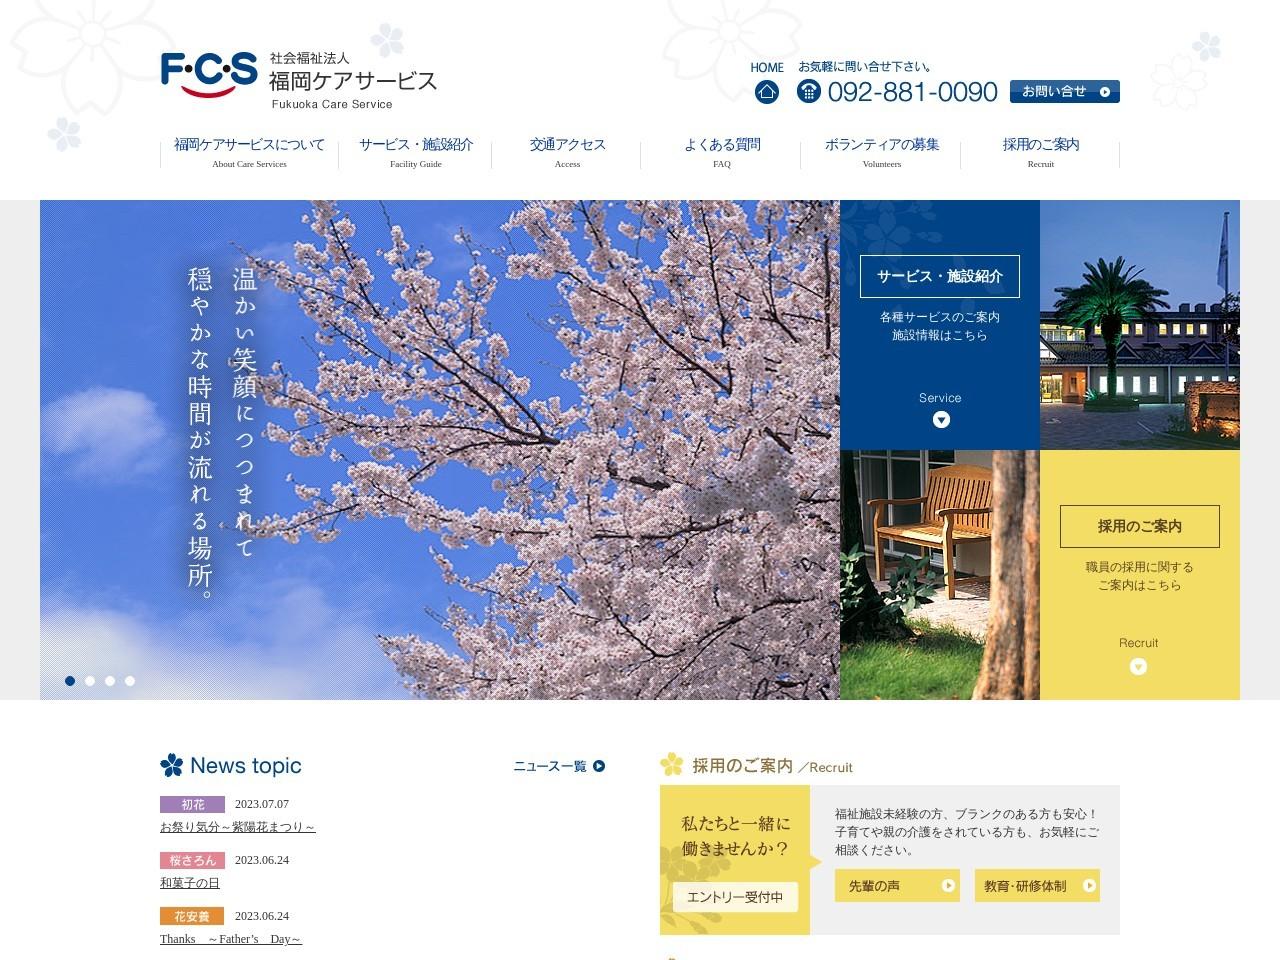 社会福祉法人 福岡ケアサービス[FCS]| Fukuoka Care Service